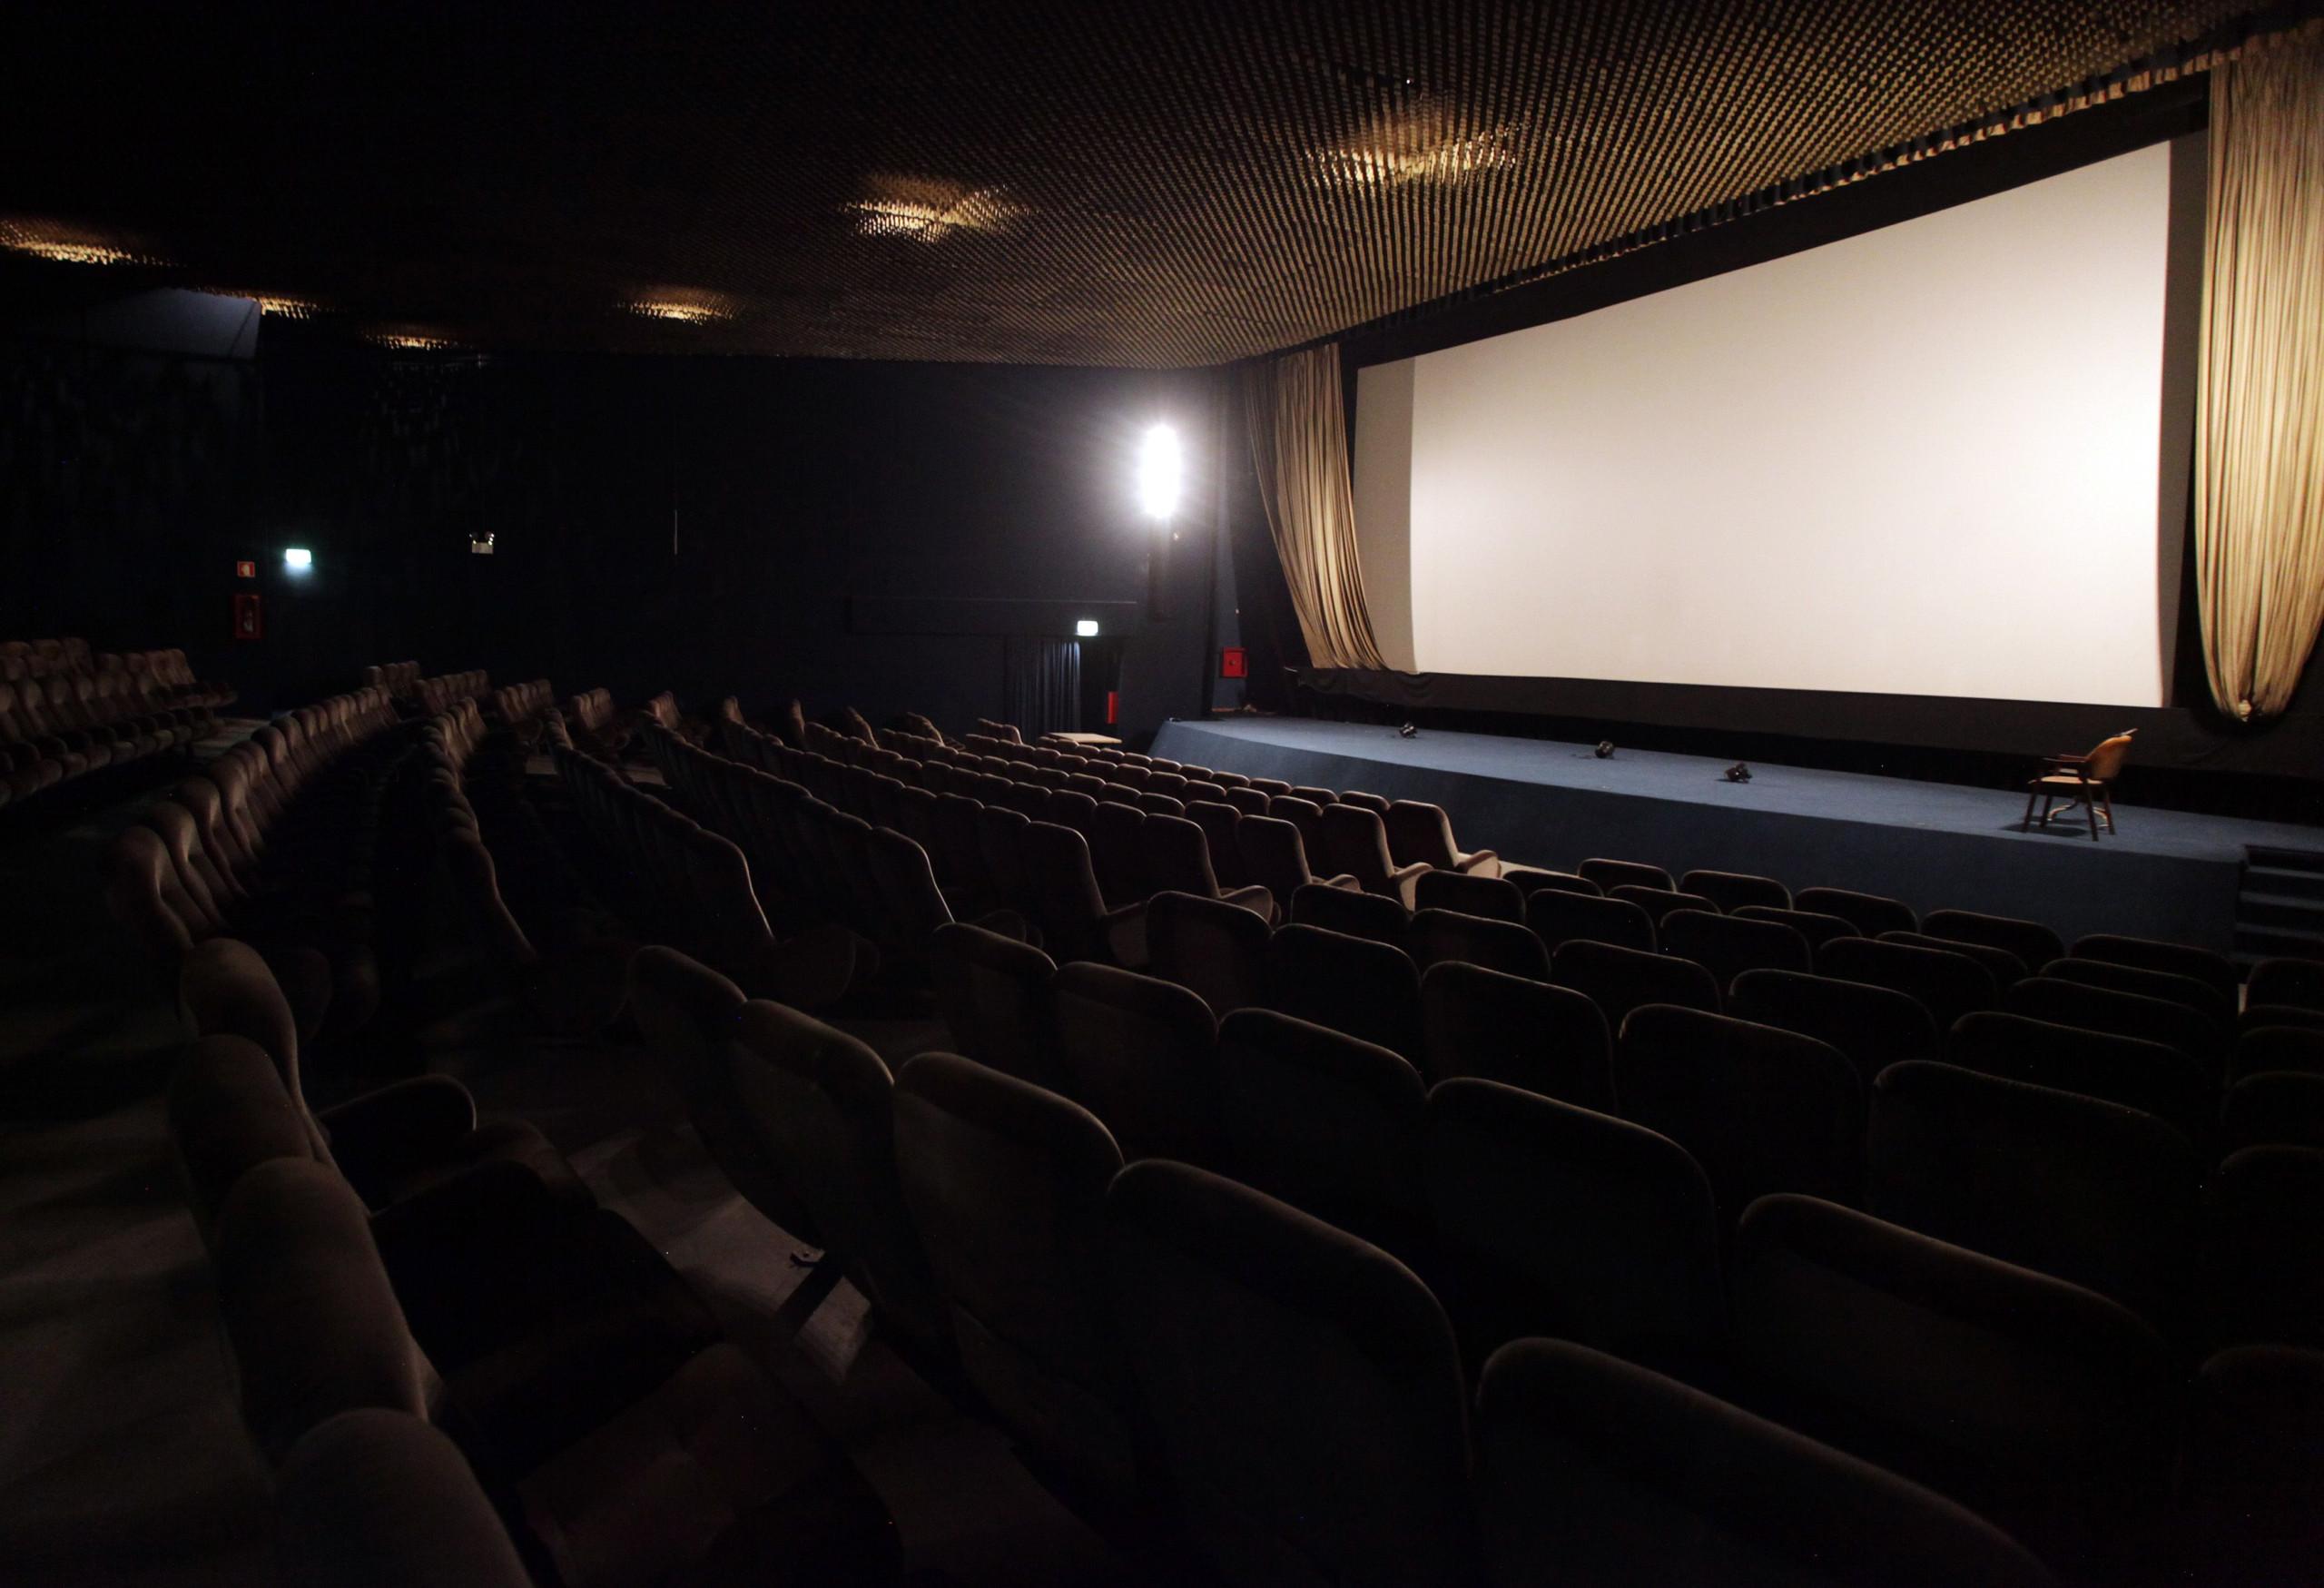 Exibição de cinema em sala perde um quinto de espetadores e receitas